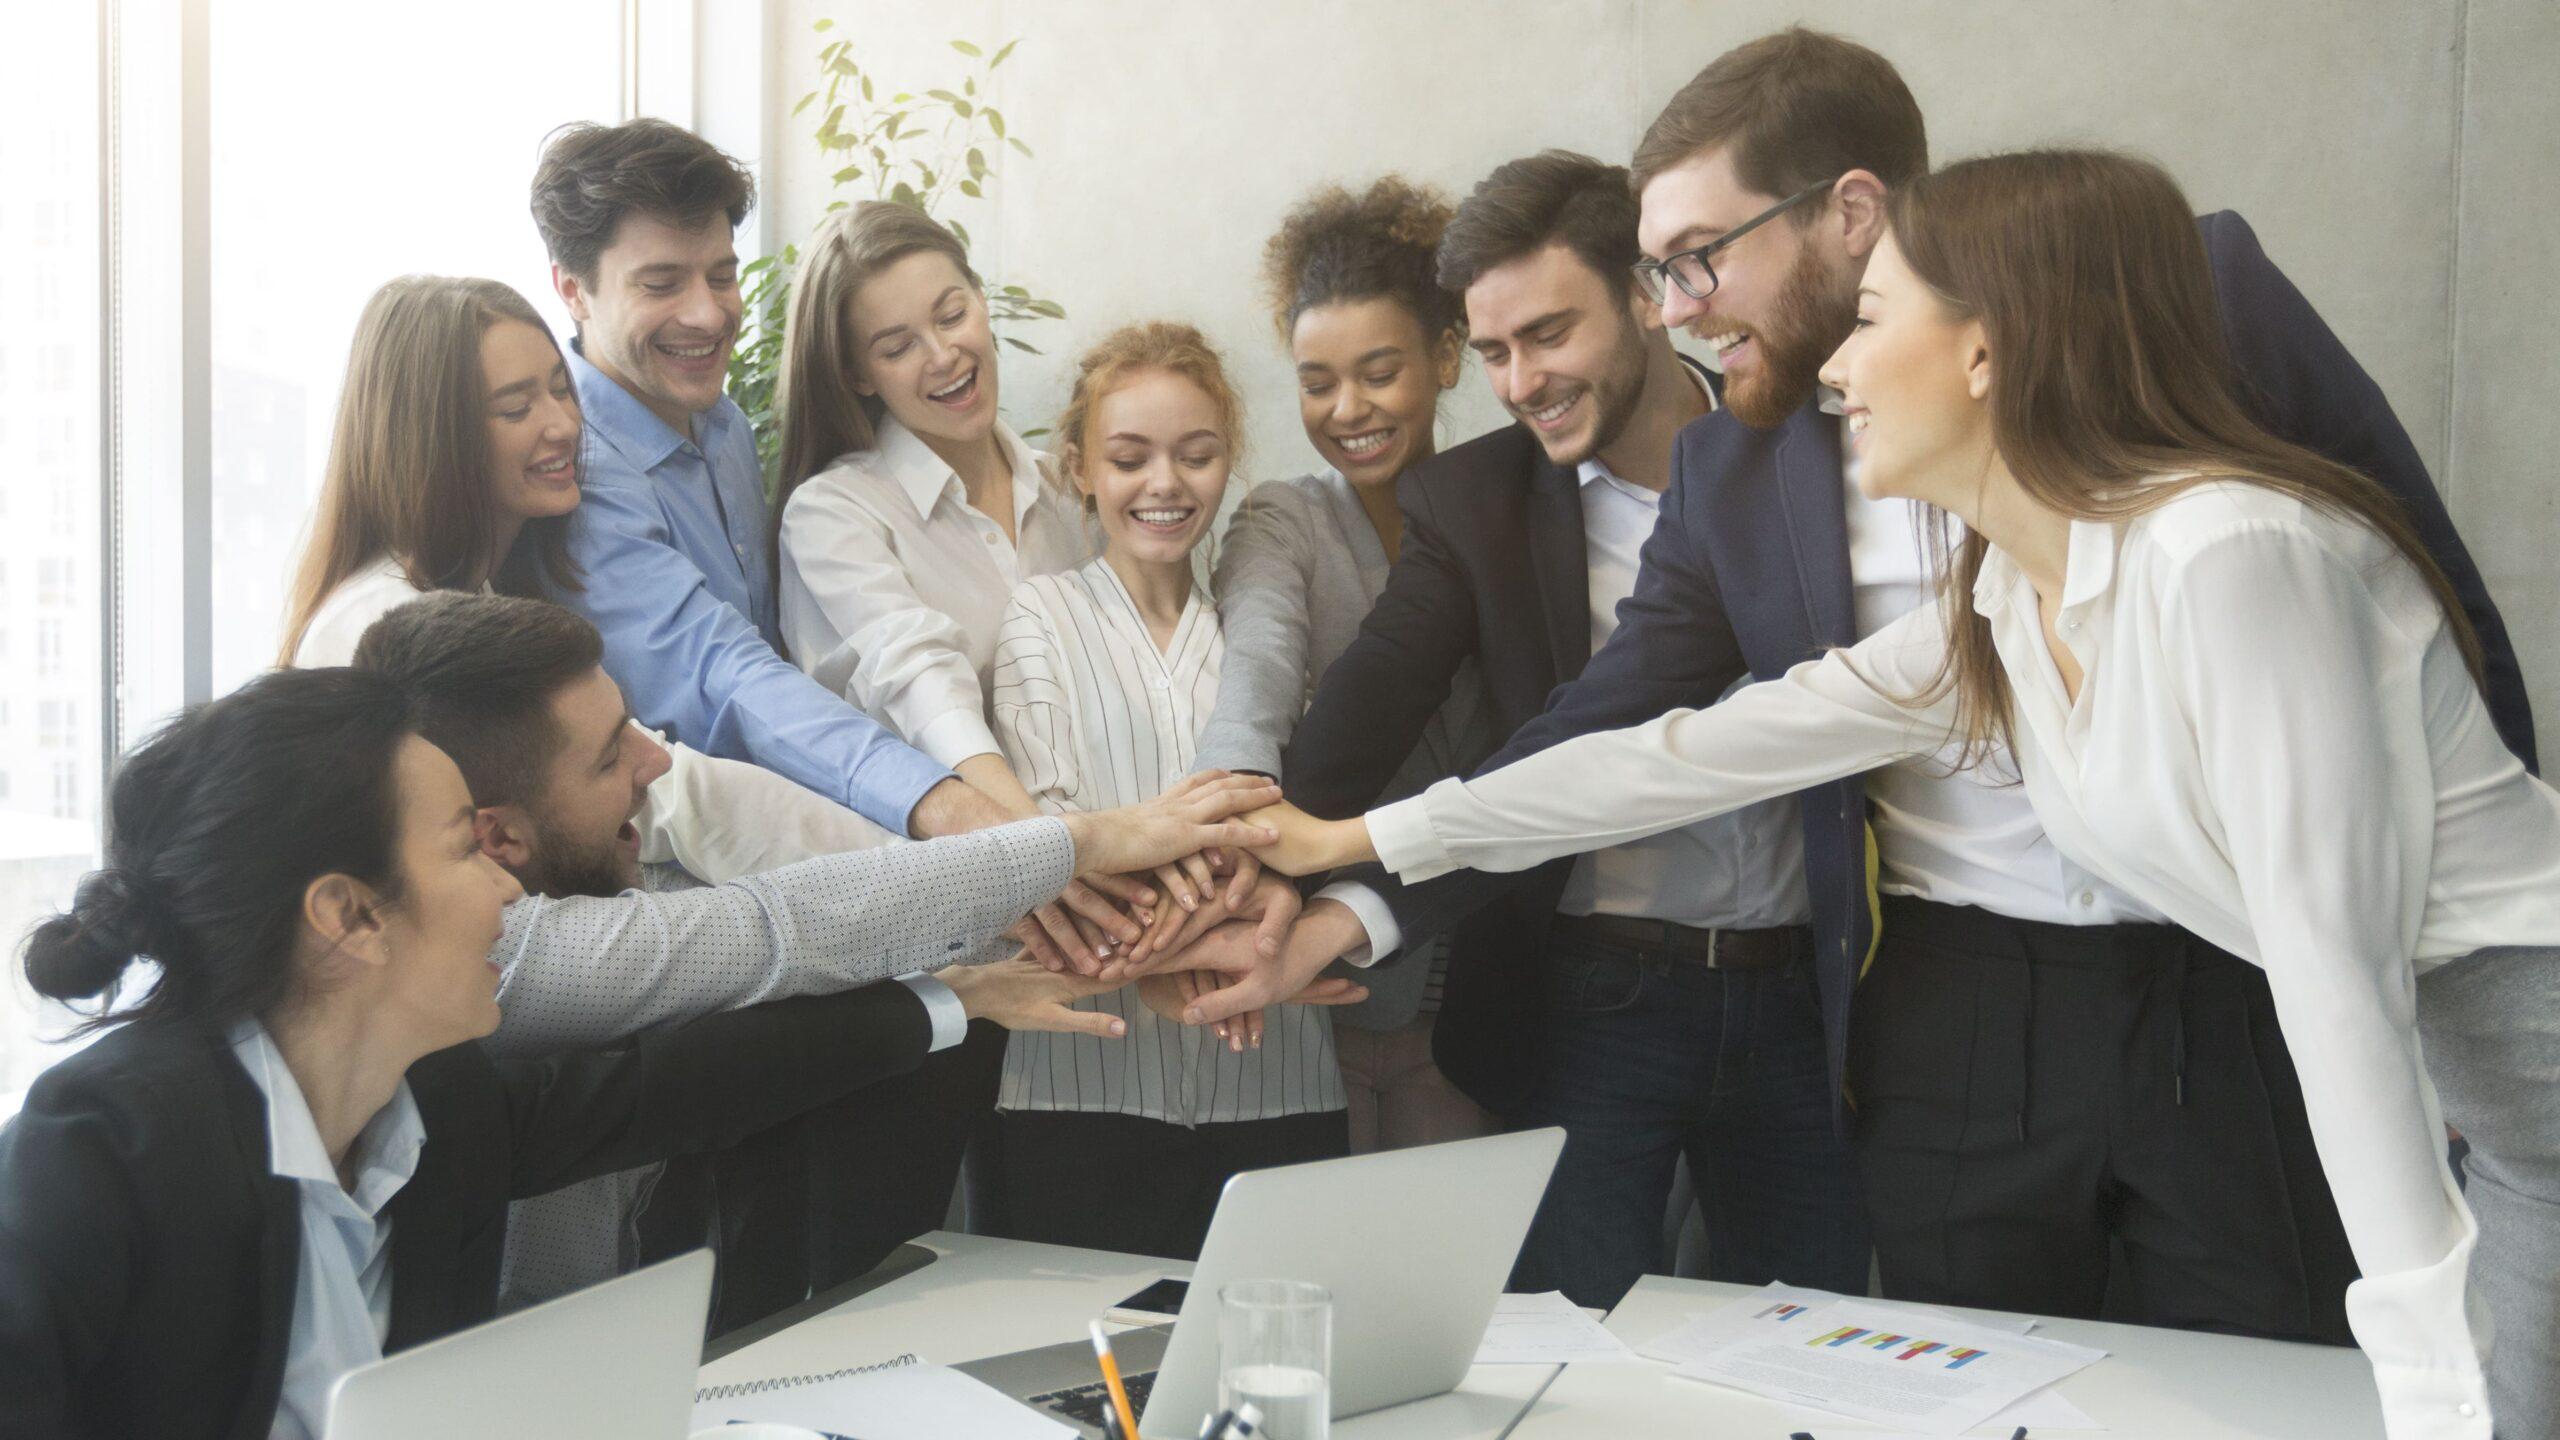 Ein Team legt im Office die Hände aufeinander und zeigt seinen Teamgeist